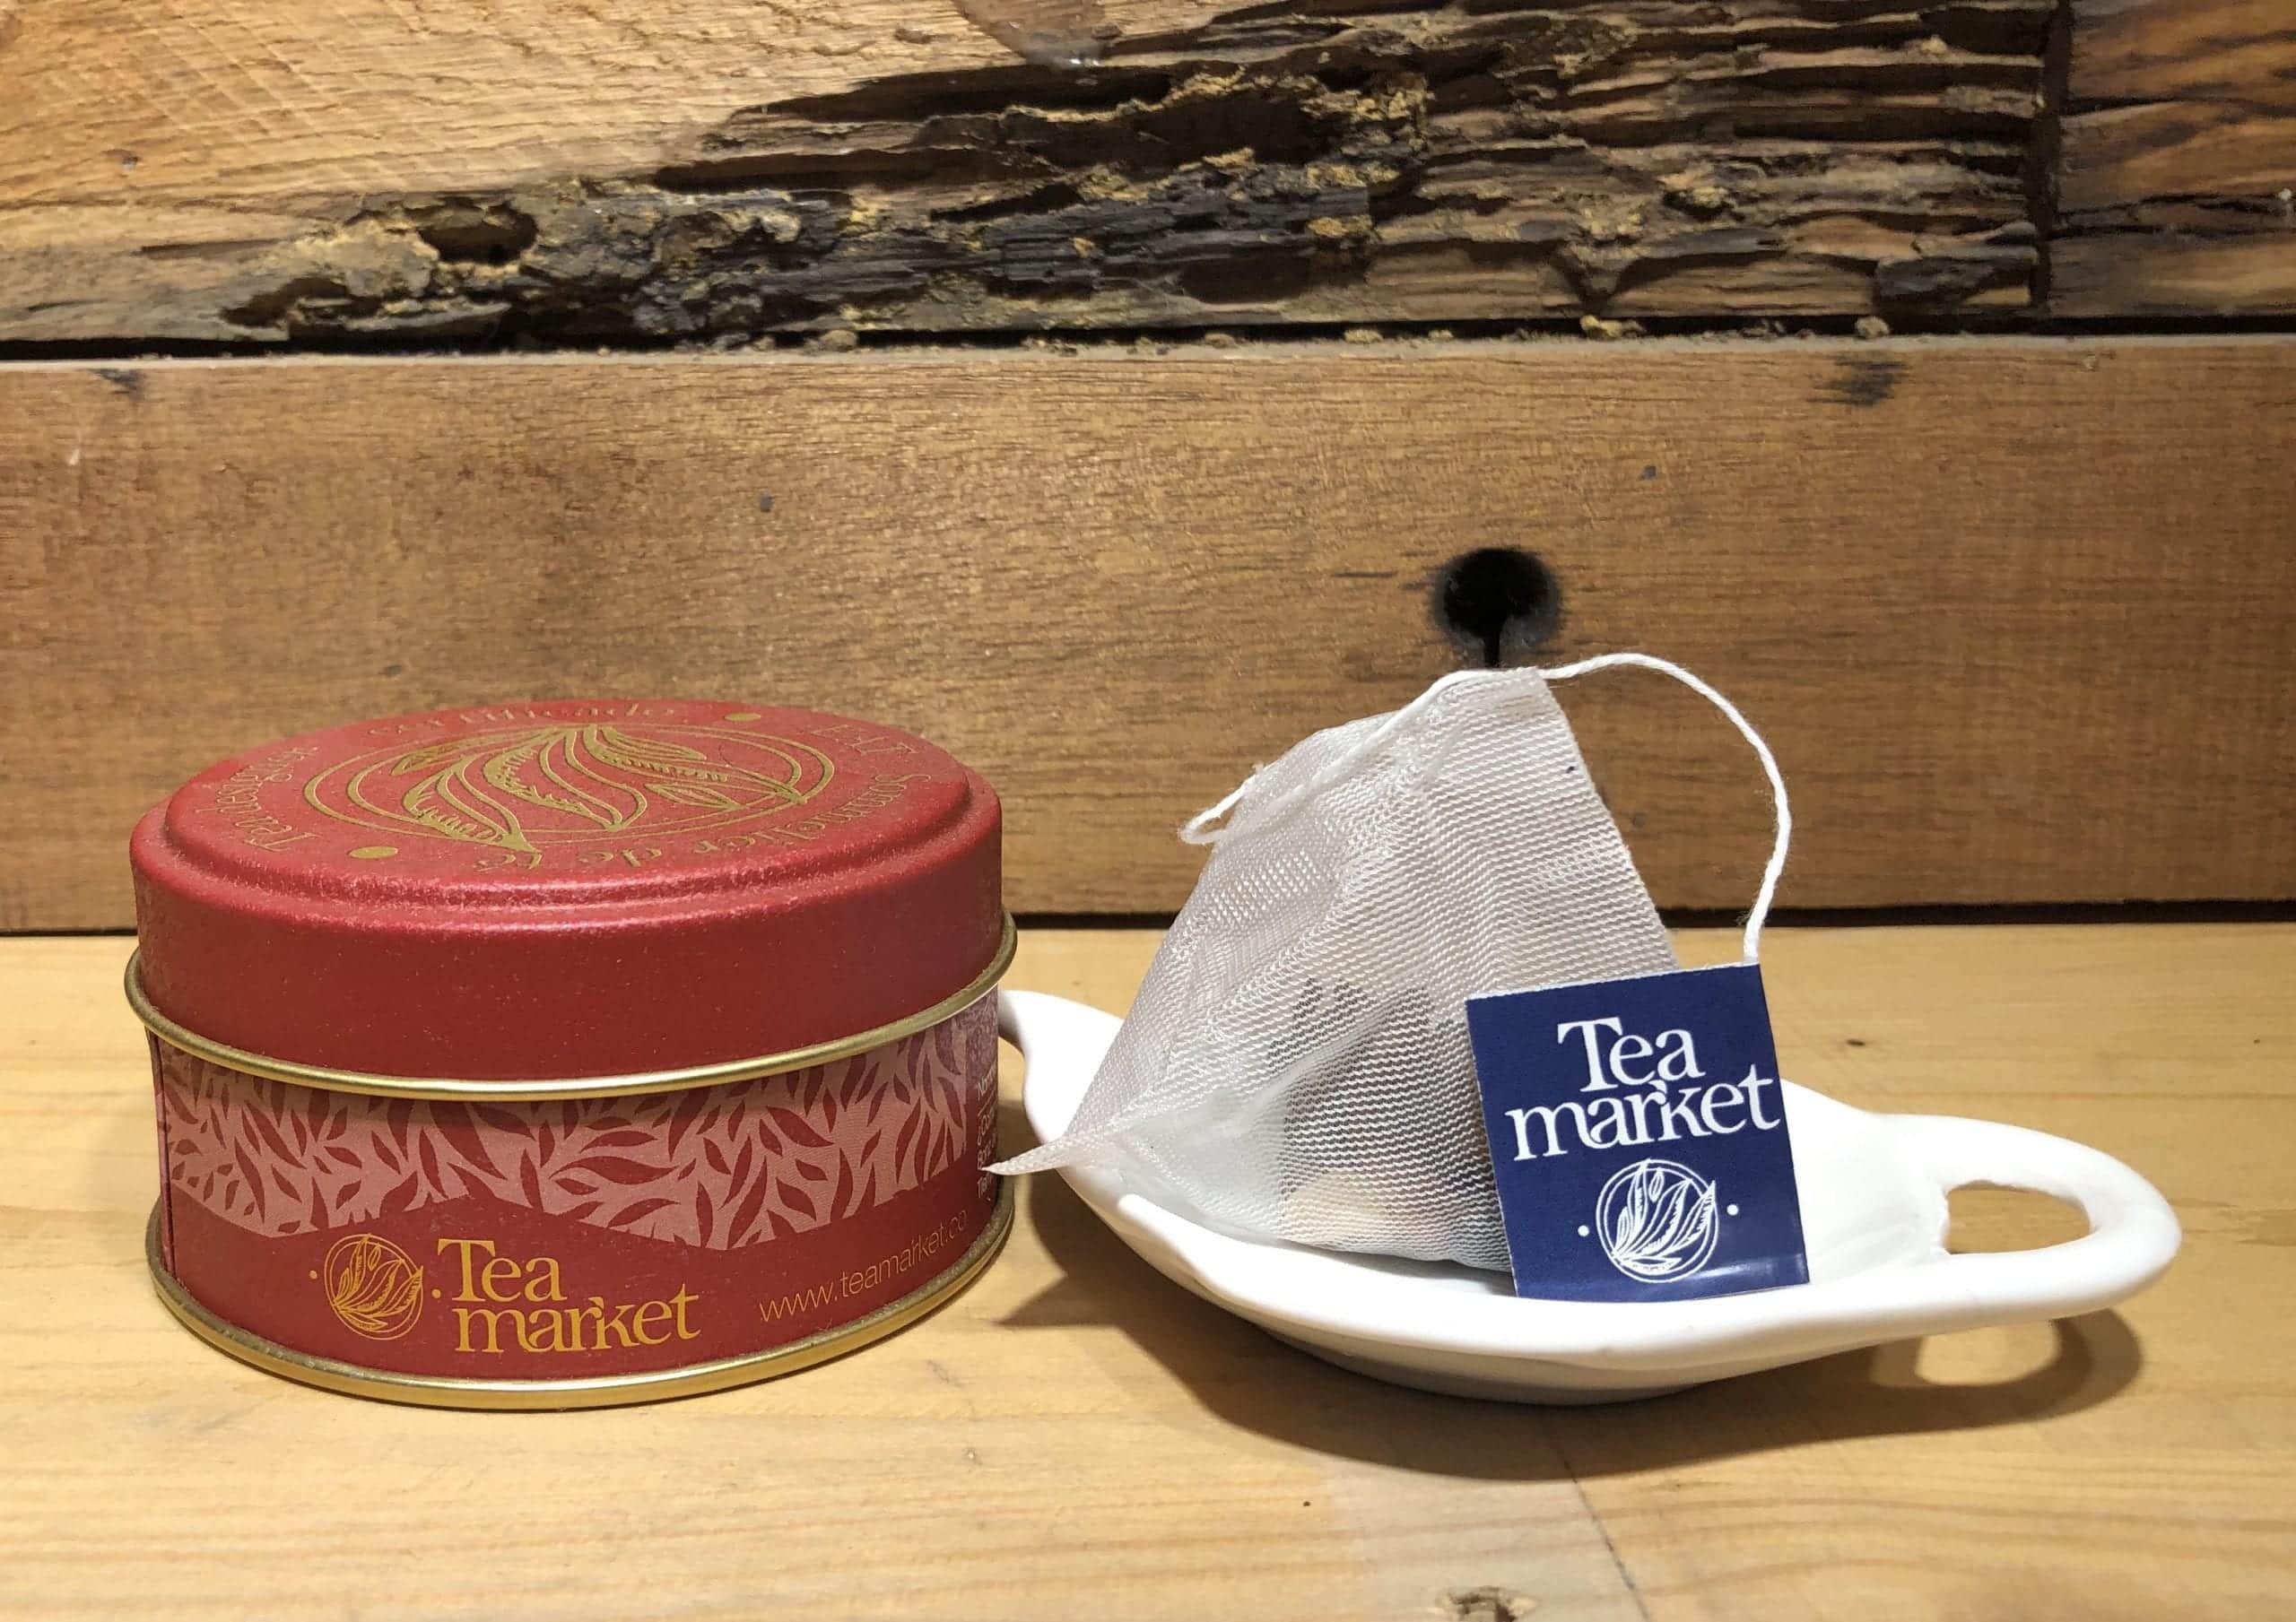 bolsas de té verde mojito jazmín tea market